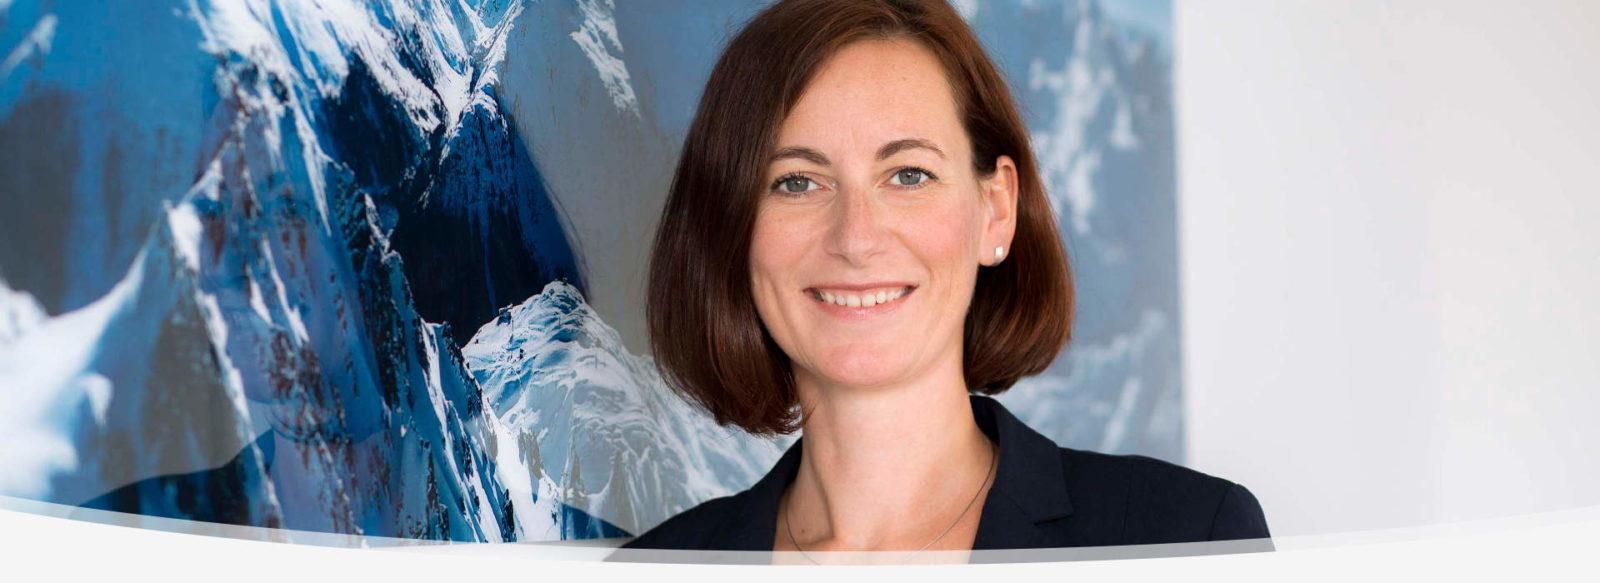 Rechtsanwältin Susanne Steinbach aus München